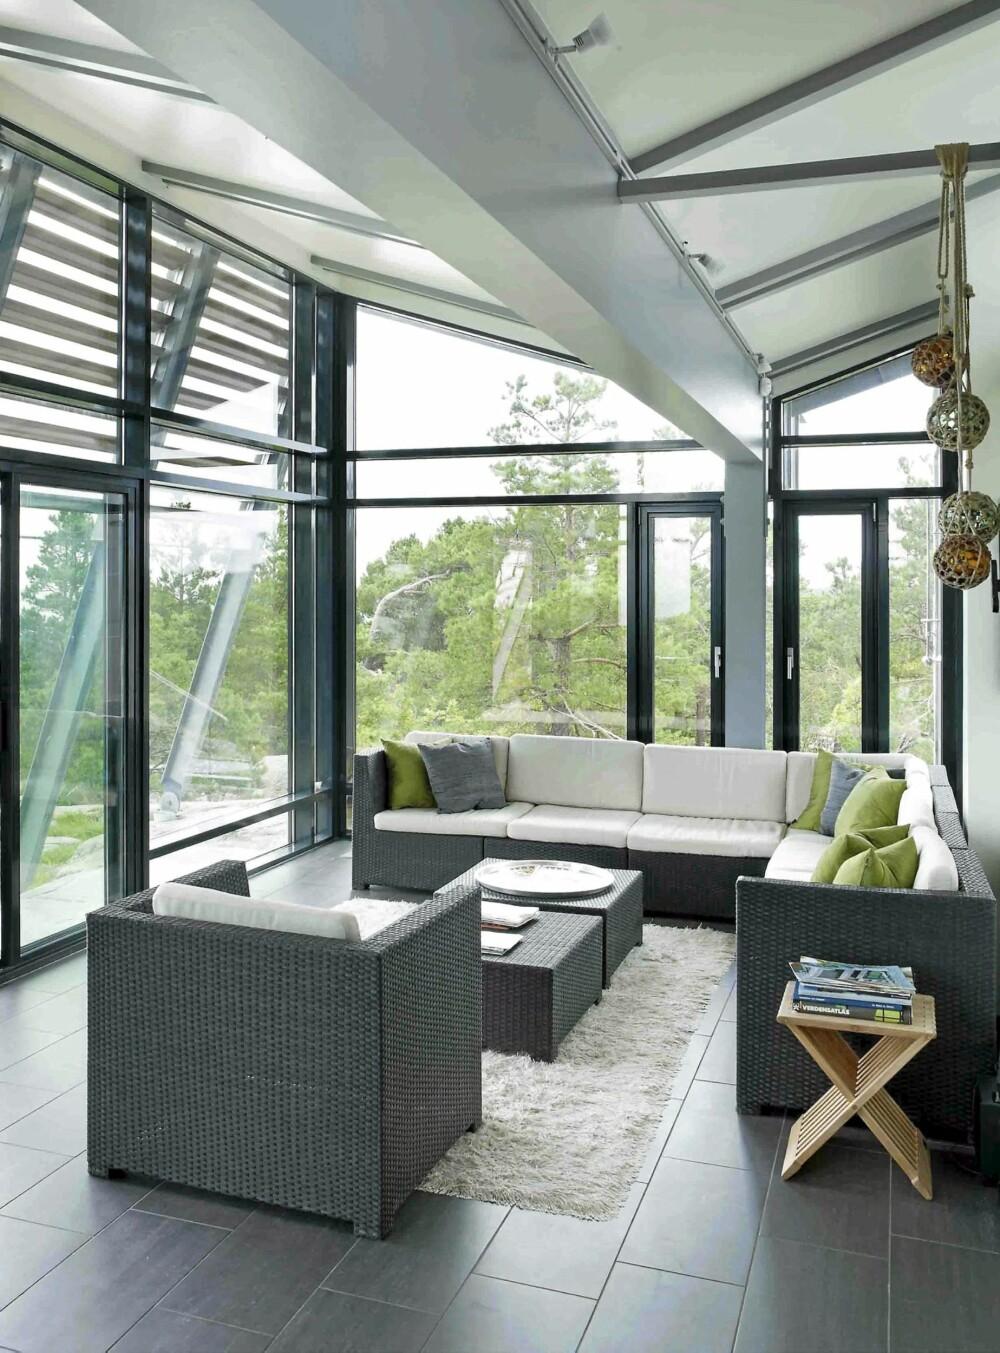 GJENNOMSYN: Store vinduer samt glasspartier inne gjør lysholdene svært gode. Vinduene kommer fra H. Glass.